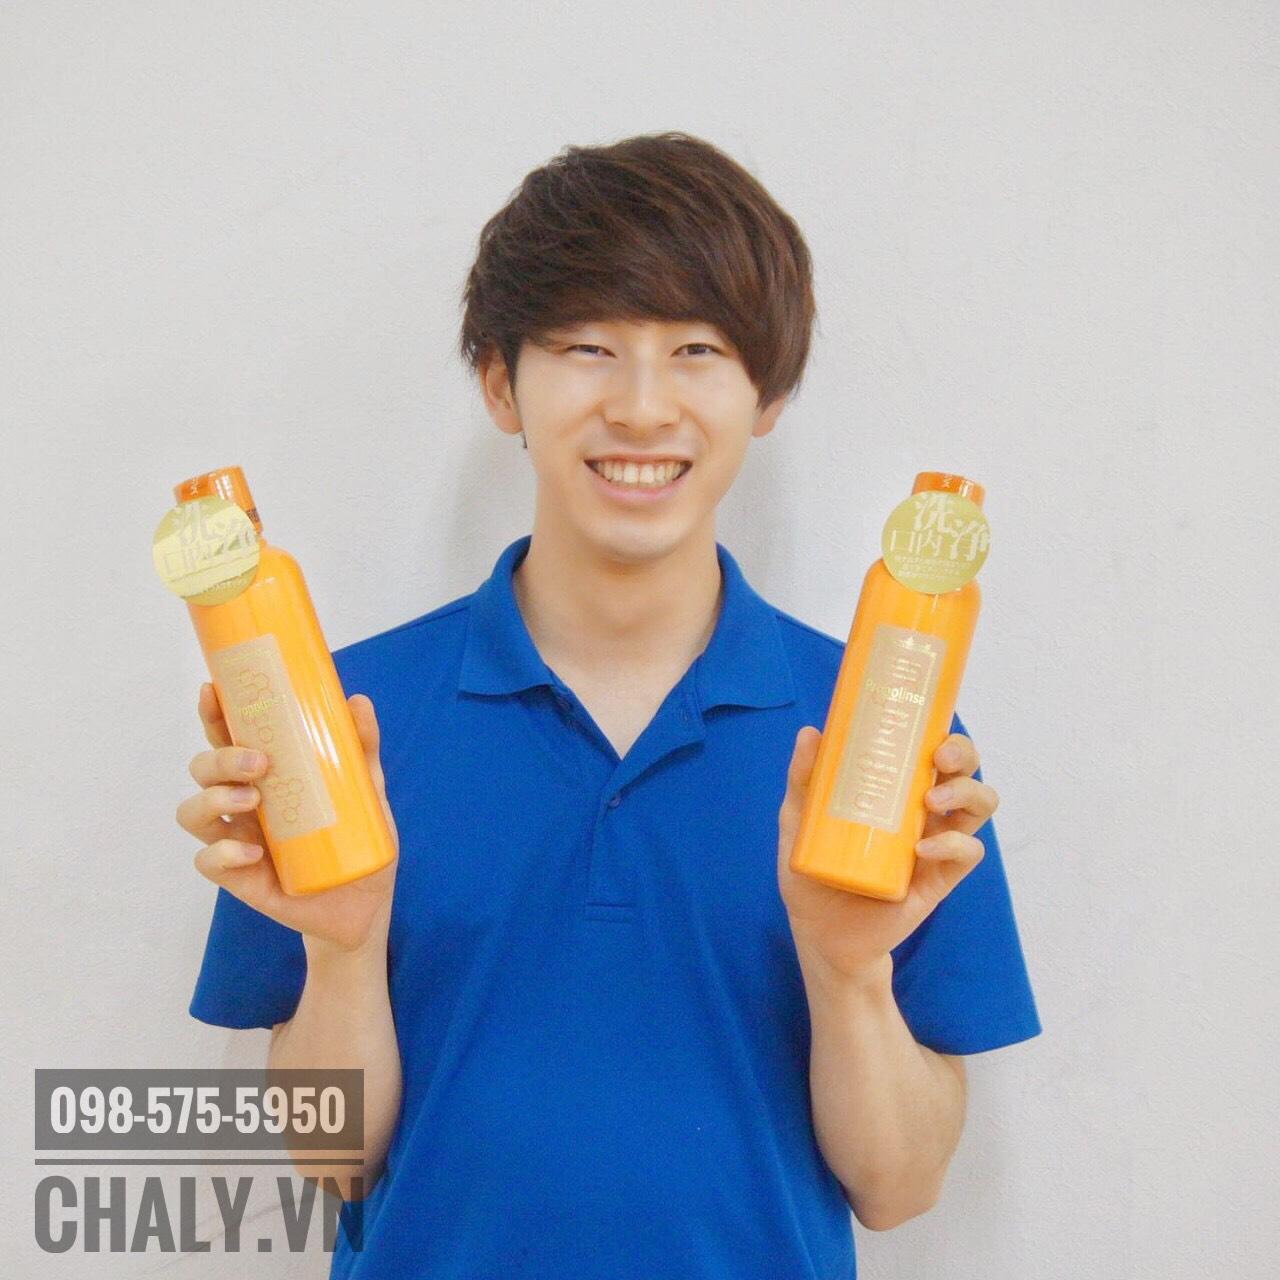 Người dùng Nhật Bản rất yêu thích nước súc miệng Propolinse chính hãng từ nhiều năm nay, bất kể nam nữ, người già trẻ em